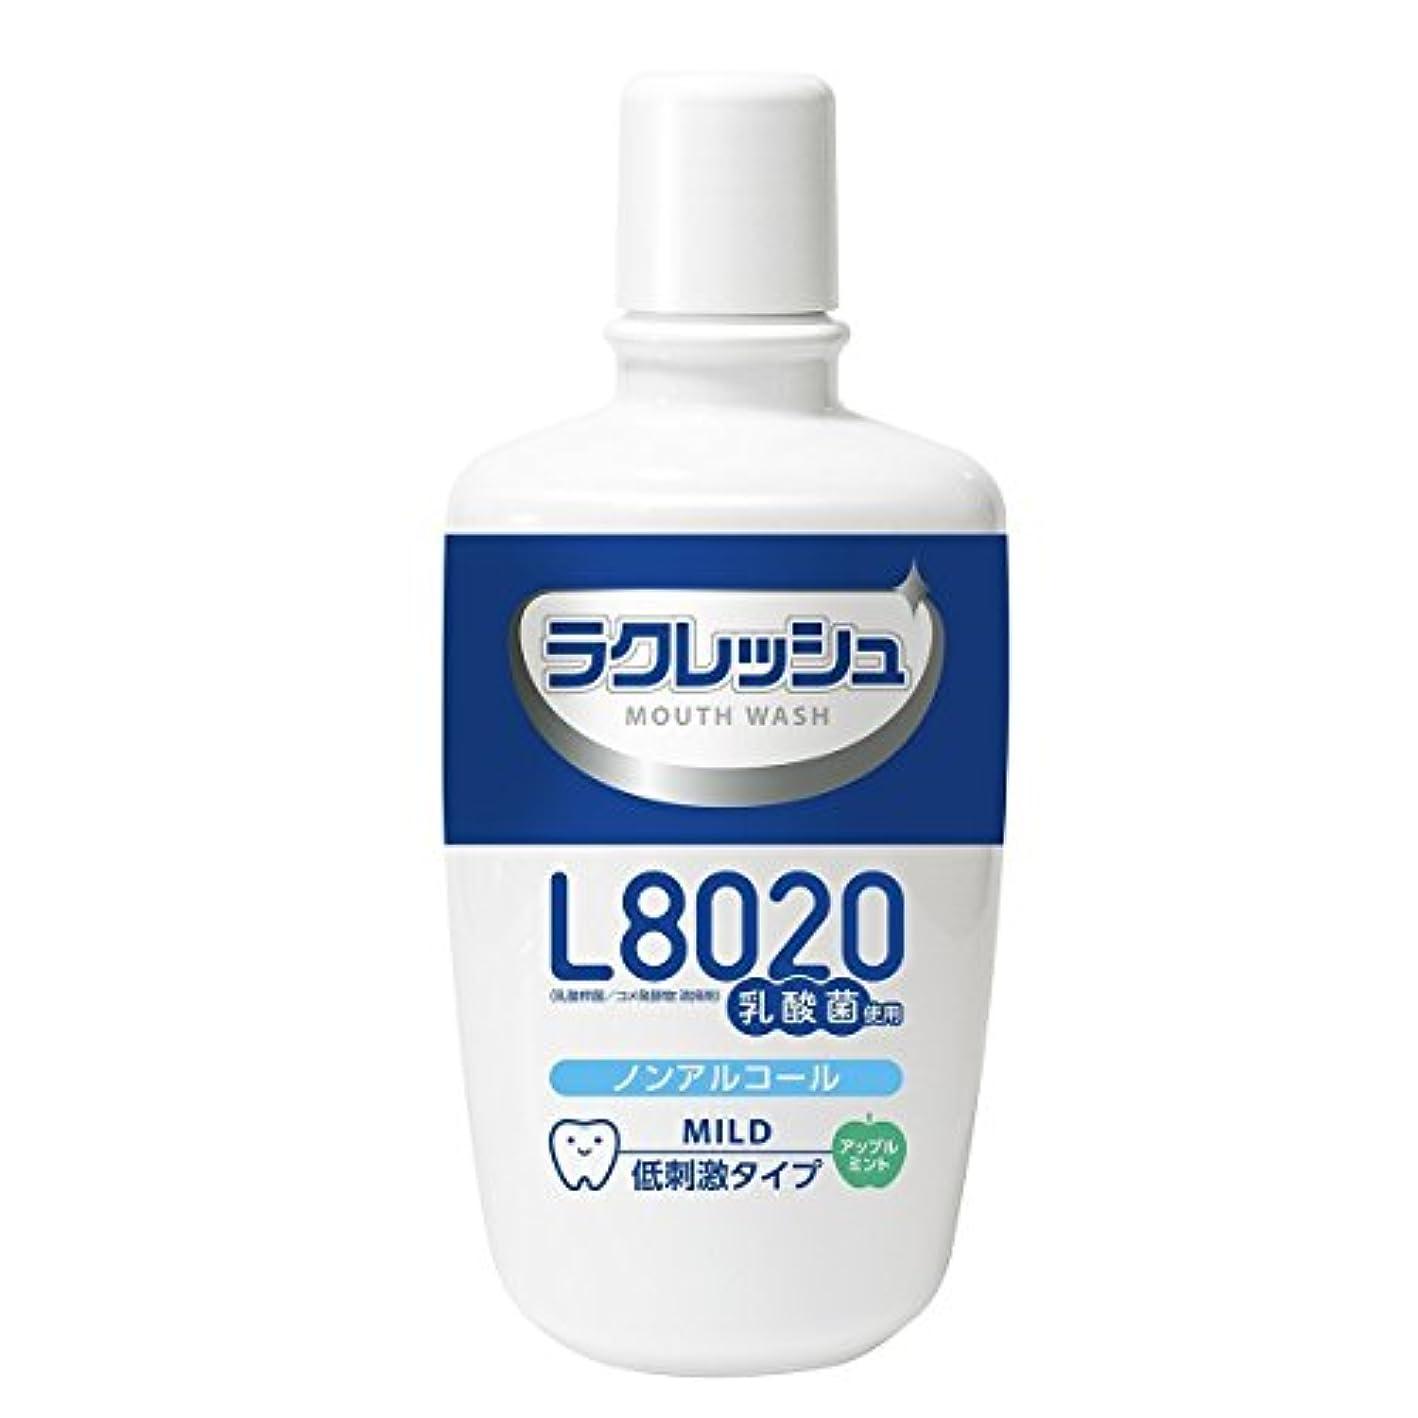 セットする合理的人柄ラクレッシュ L8020菌 マウスウォッシュ 12本セット